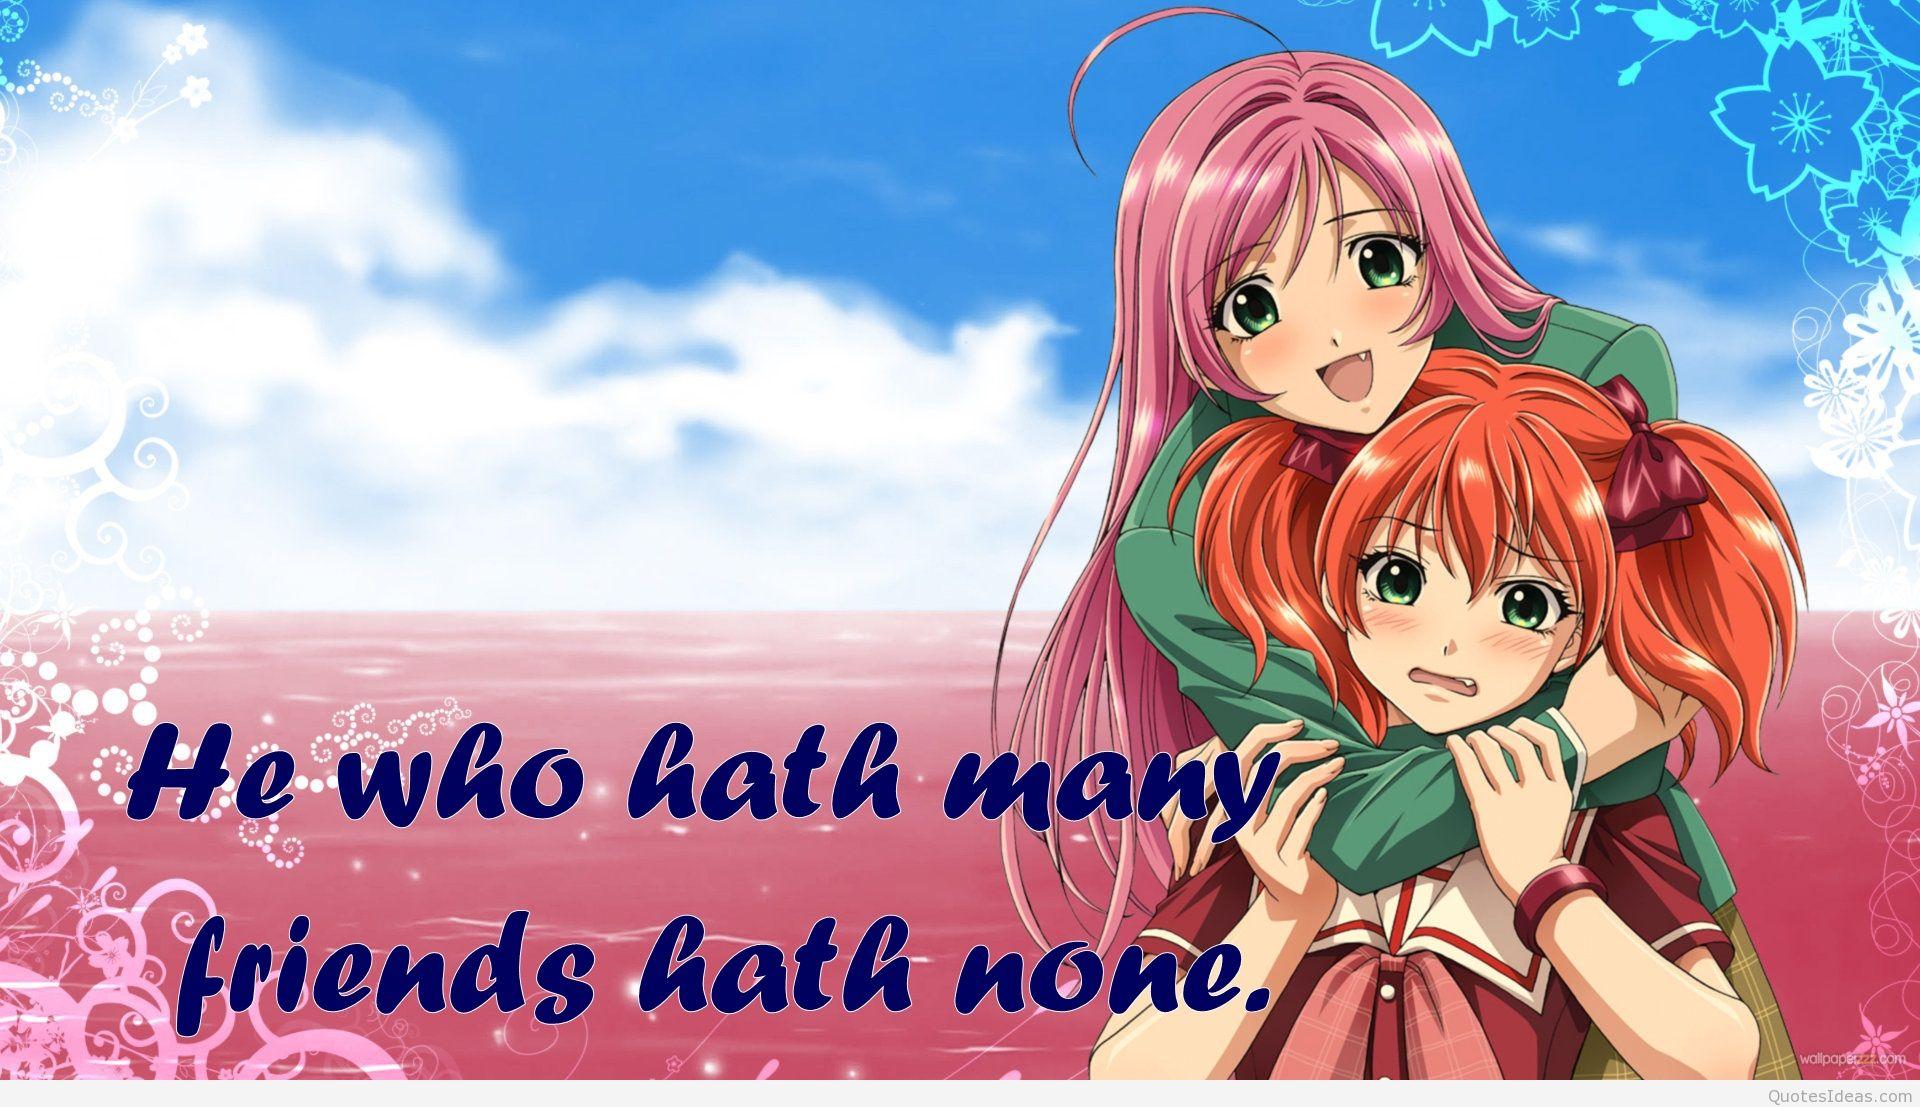 Cute Friendship Anime Quotes. QuotesGram